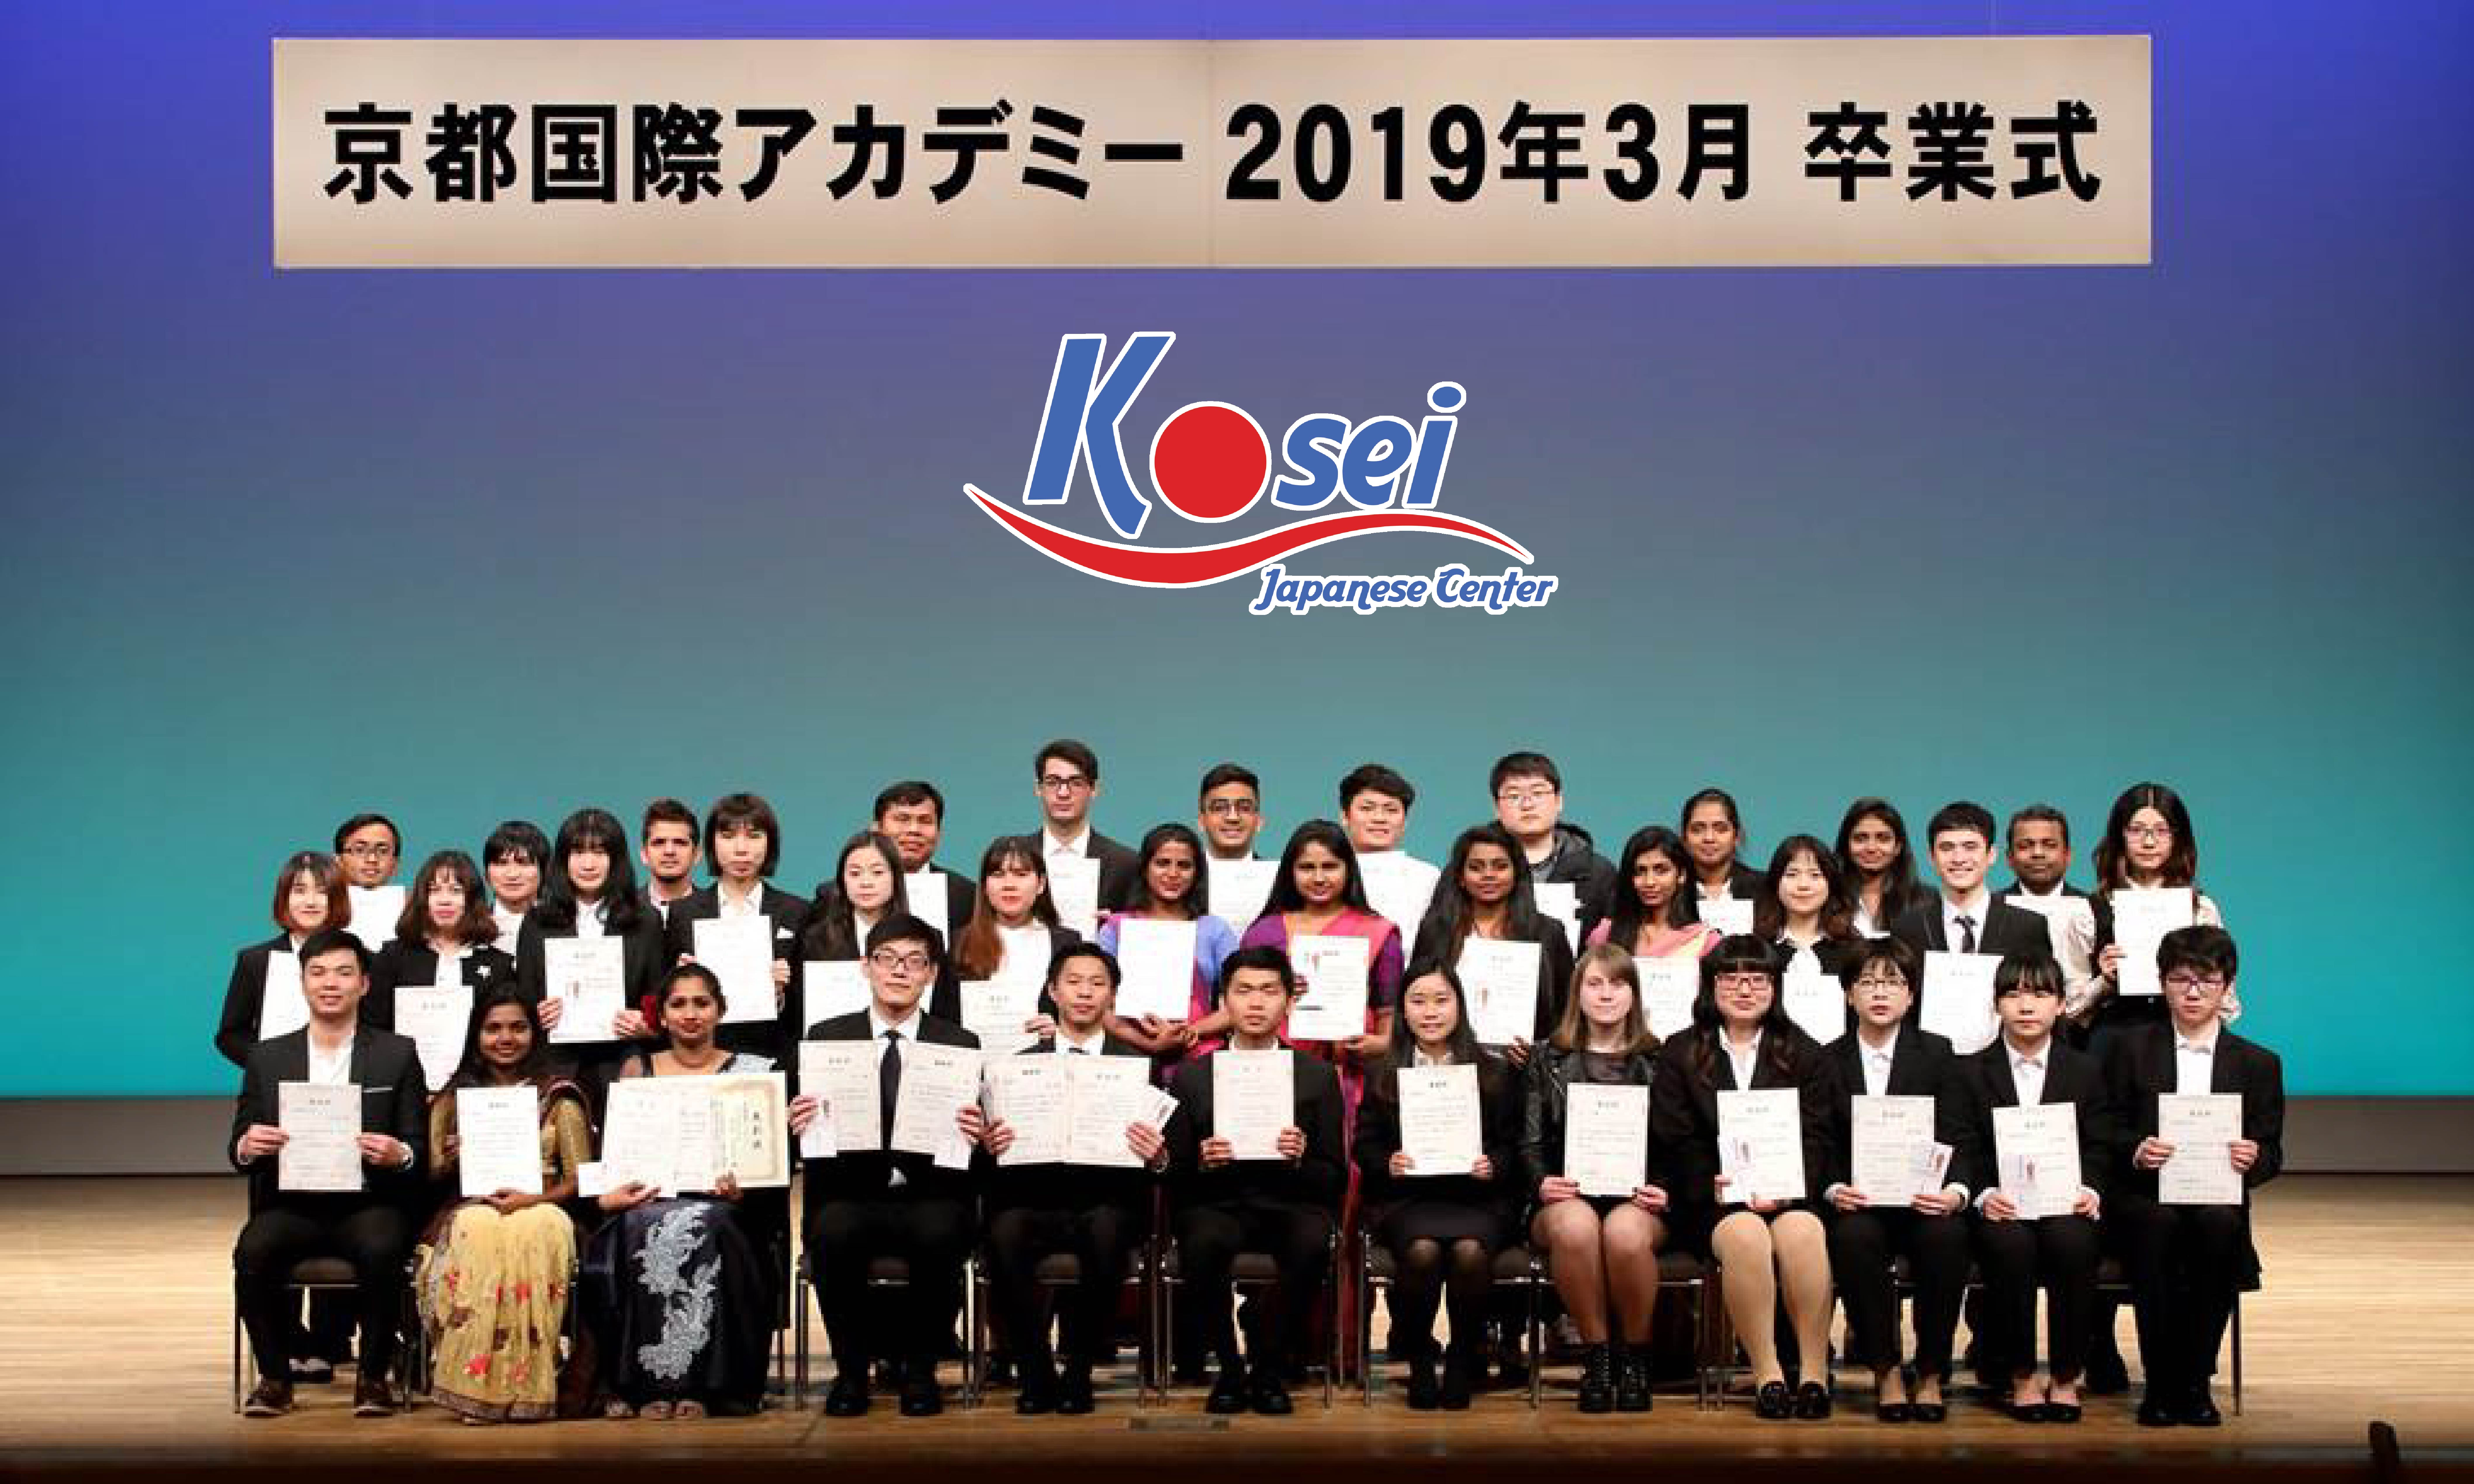 Thông tin trường quốc tế Kyoto Academy - 京都国際アカデミー